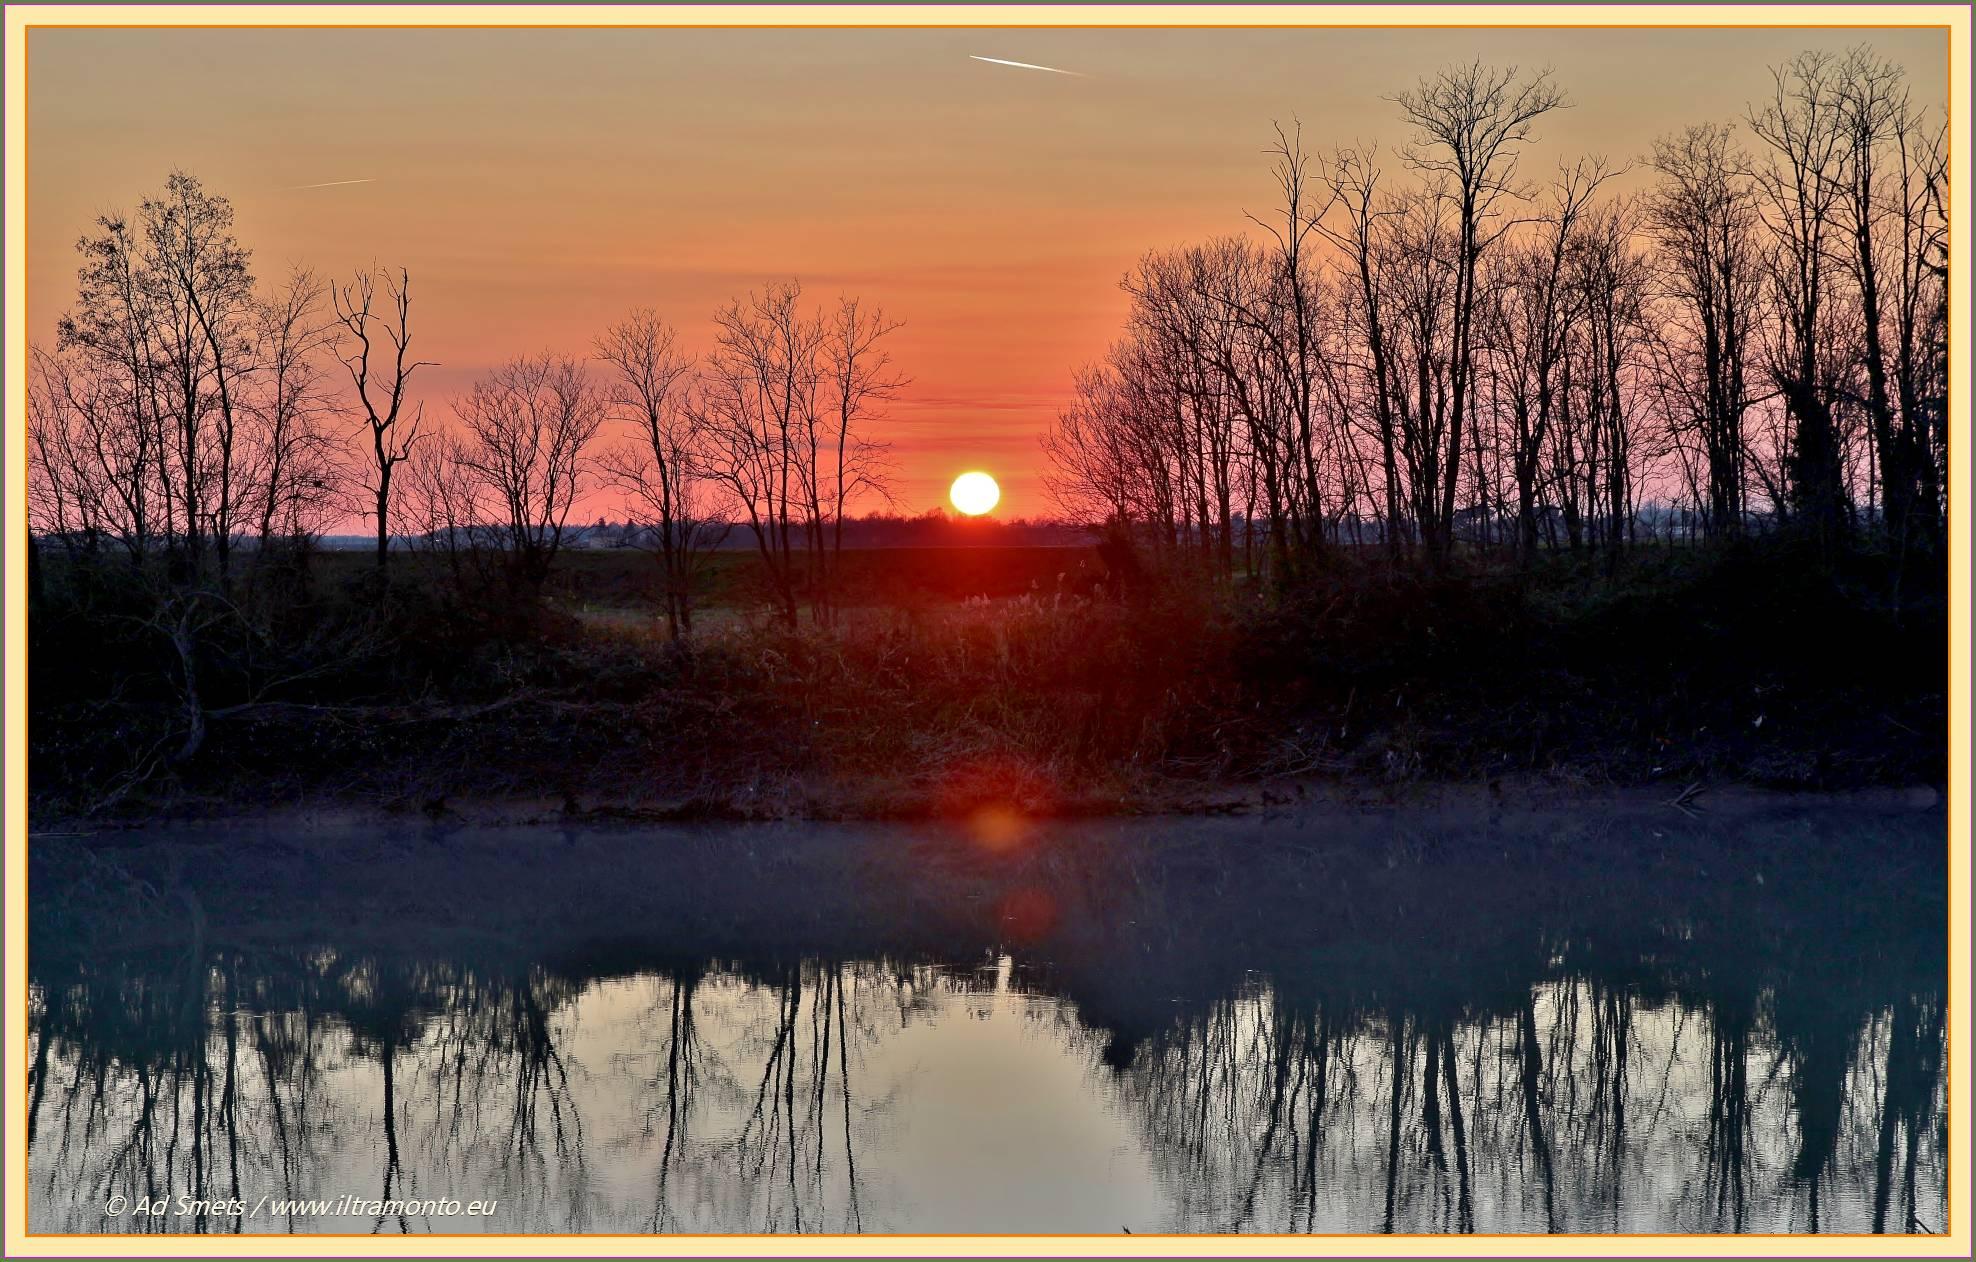 tagliamento_6898_il-tramonto